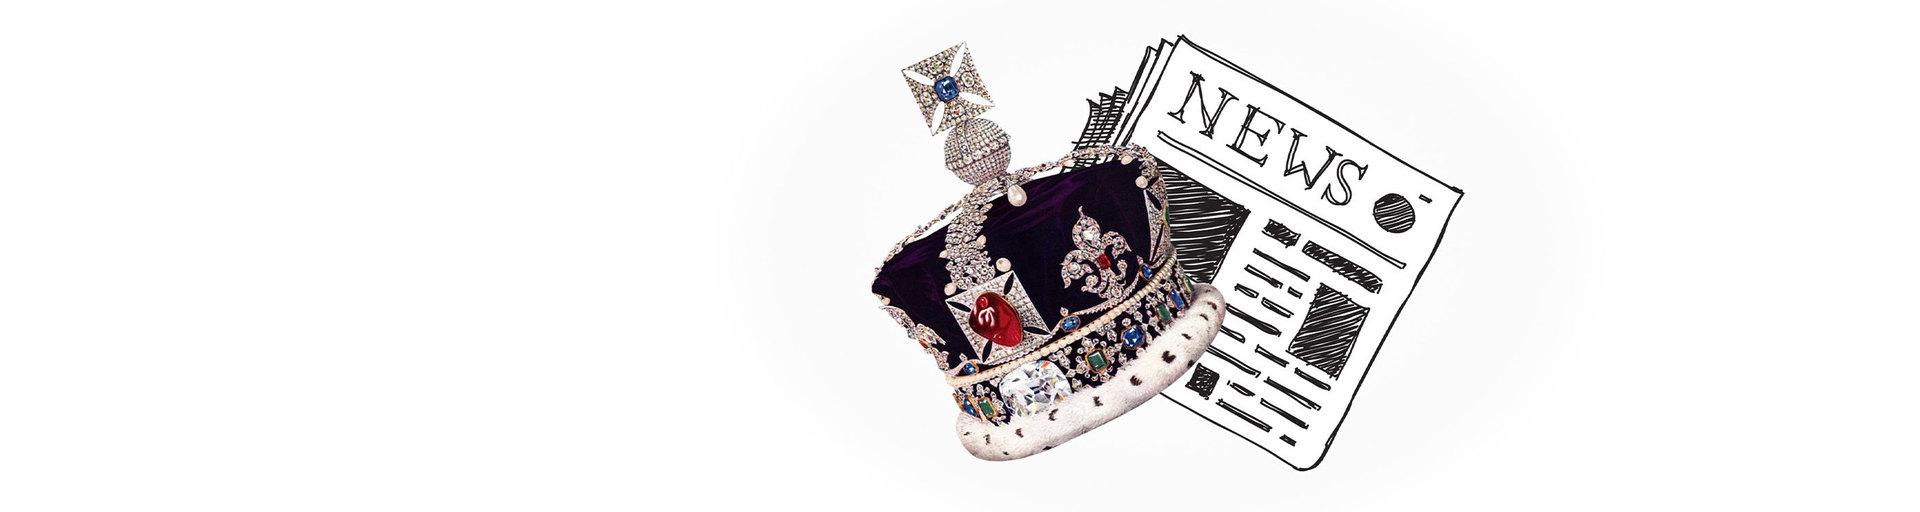 Свобода слова или право начастную жизнь: королевская семья против британской прессы